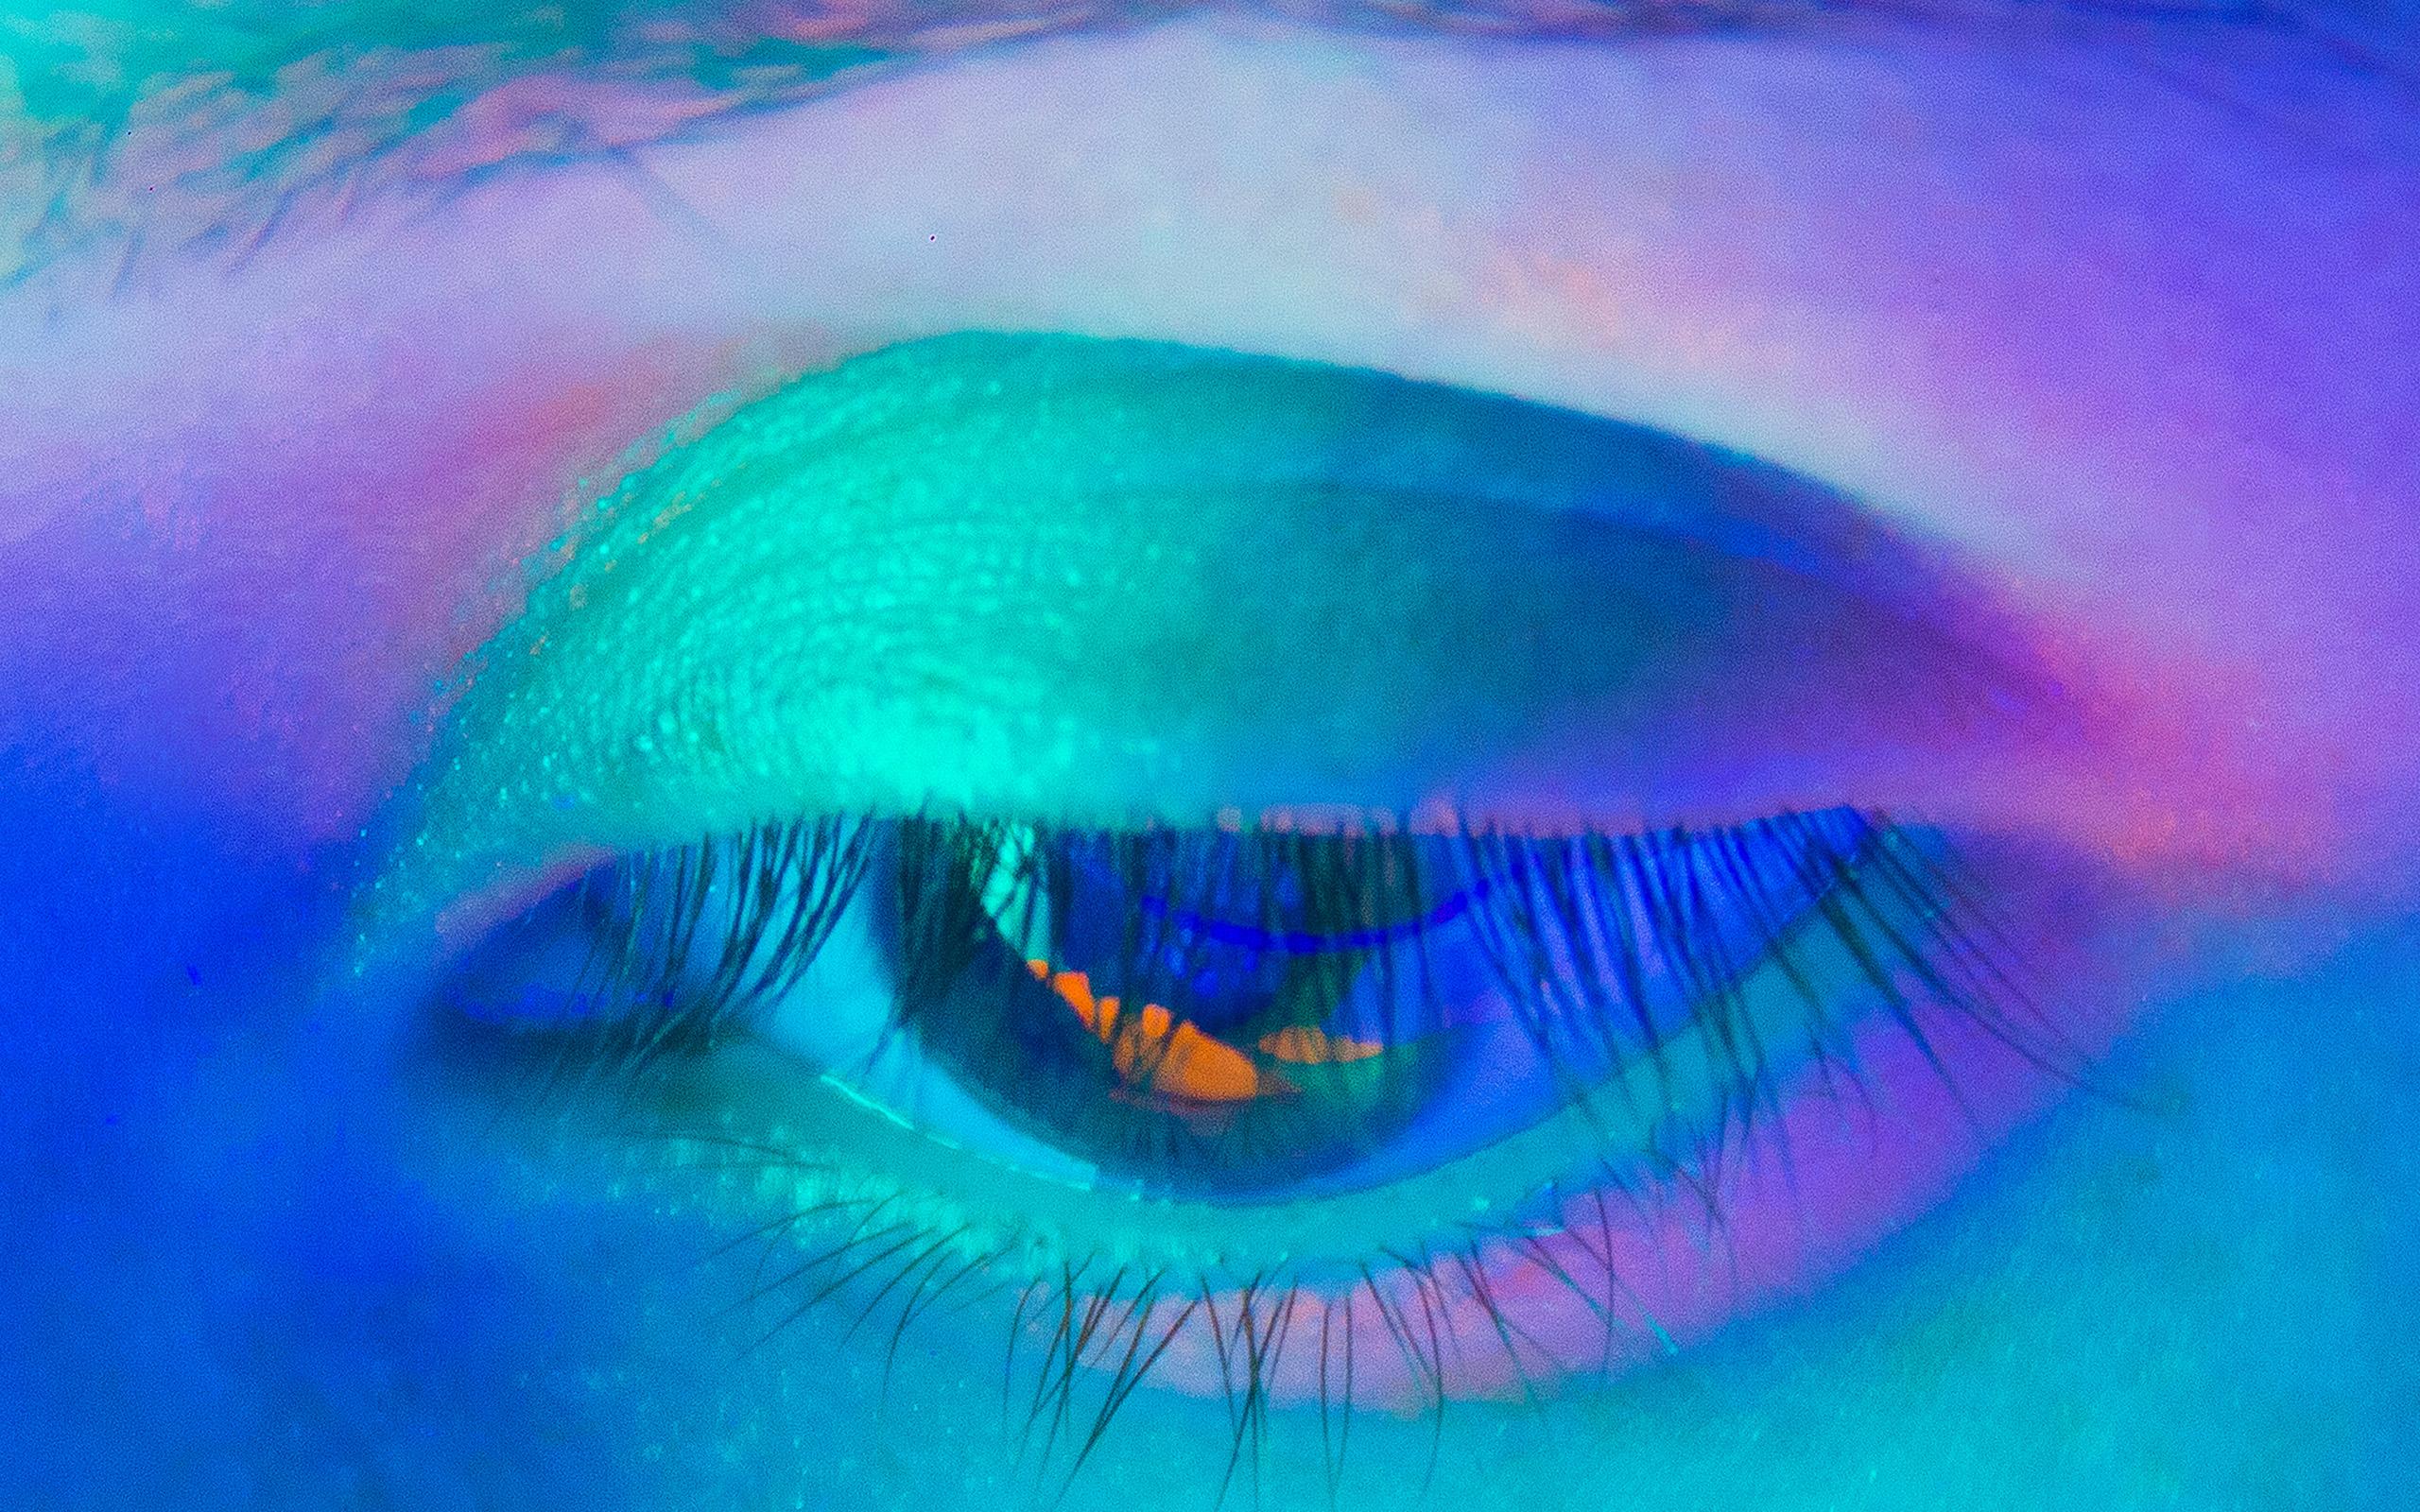 Bj20 Neon Eye Blue Human Body Art Wallpaper